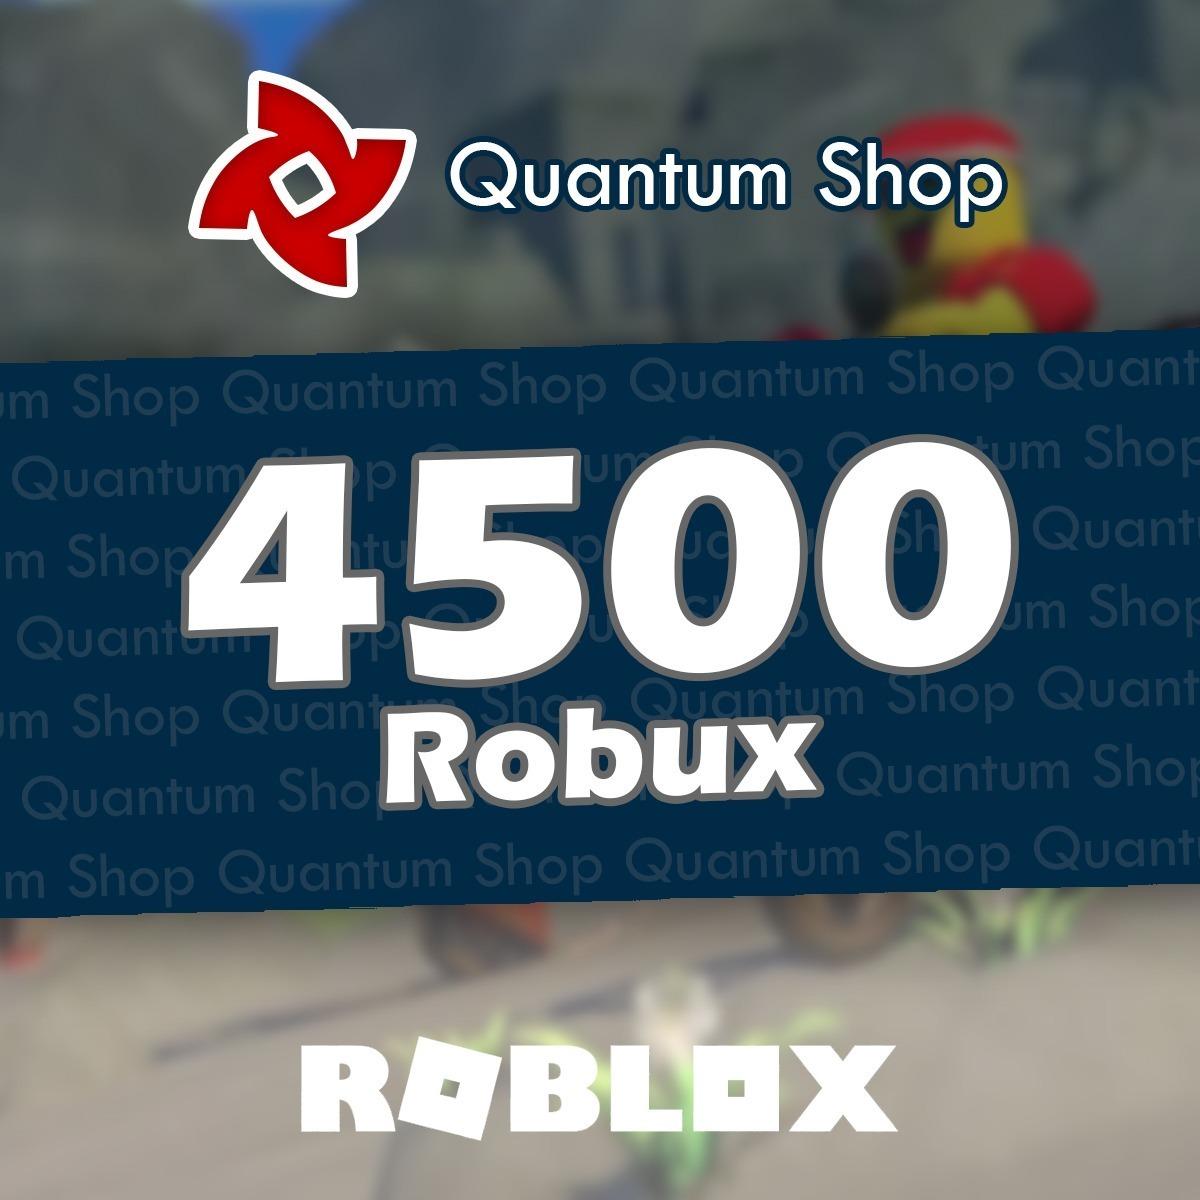 4500 Robux Roblox Mejor Precio Todas Las Plataformas S 170 00 - 4500 robux roblox mejor precio